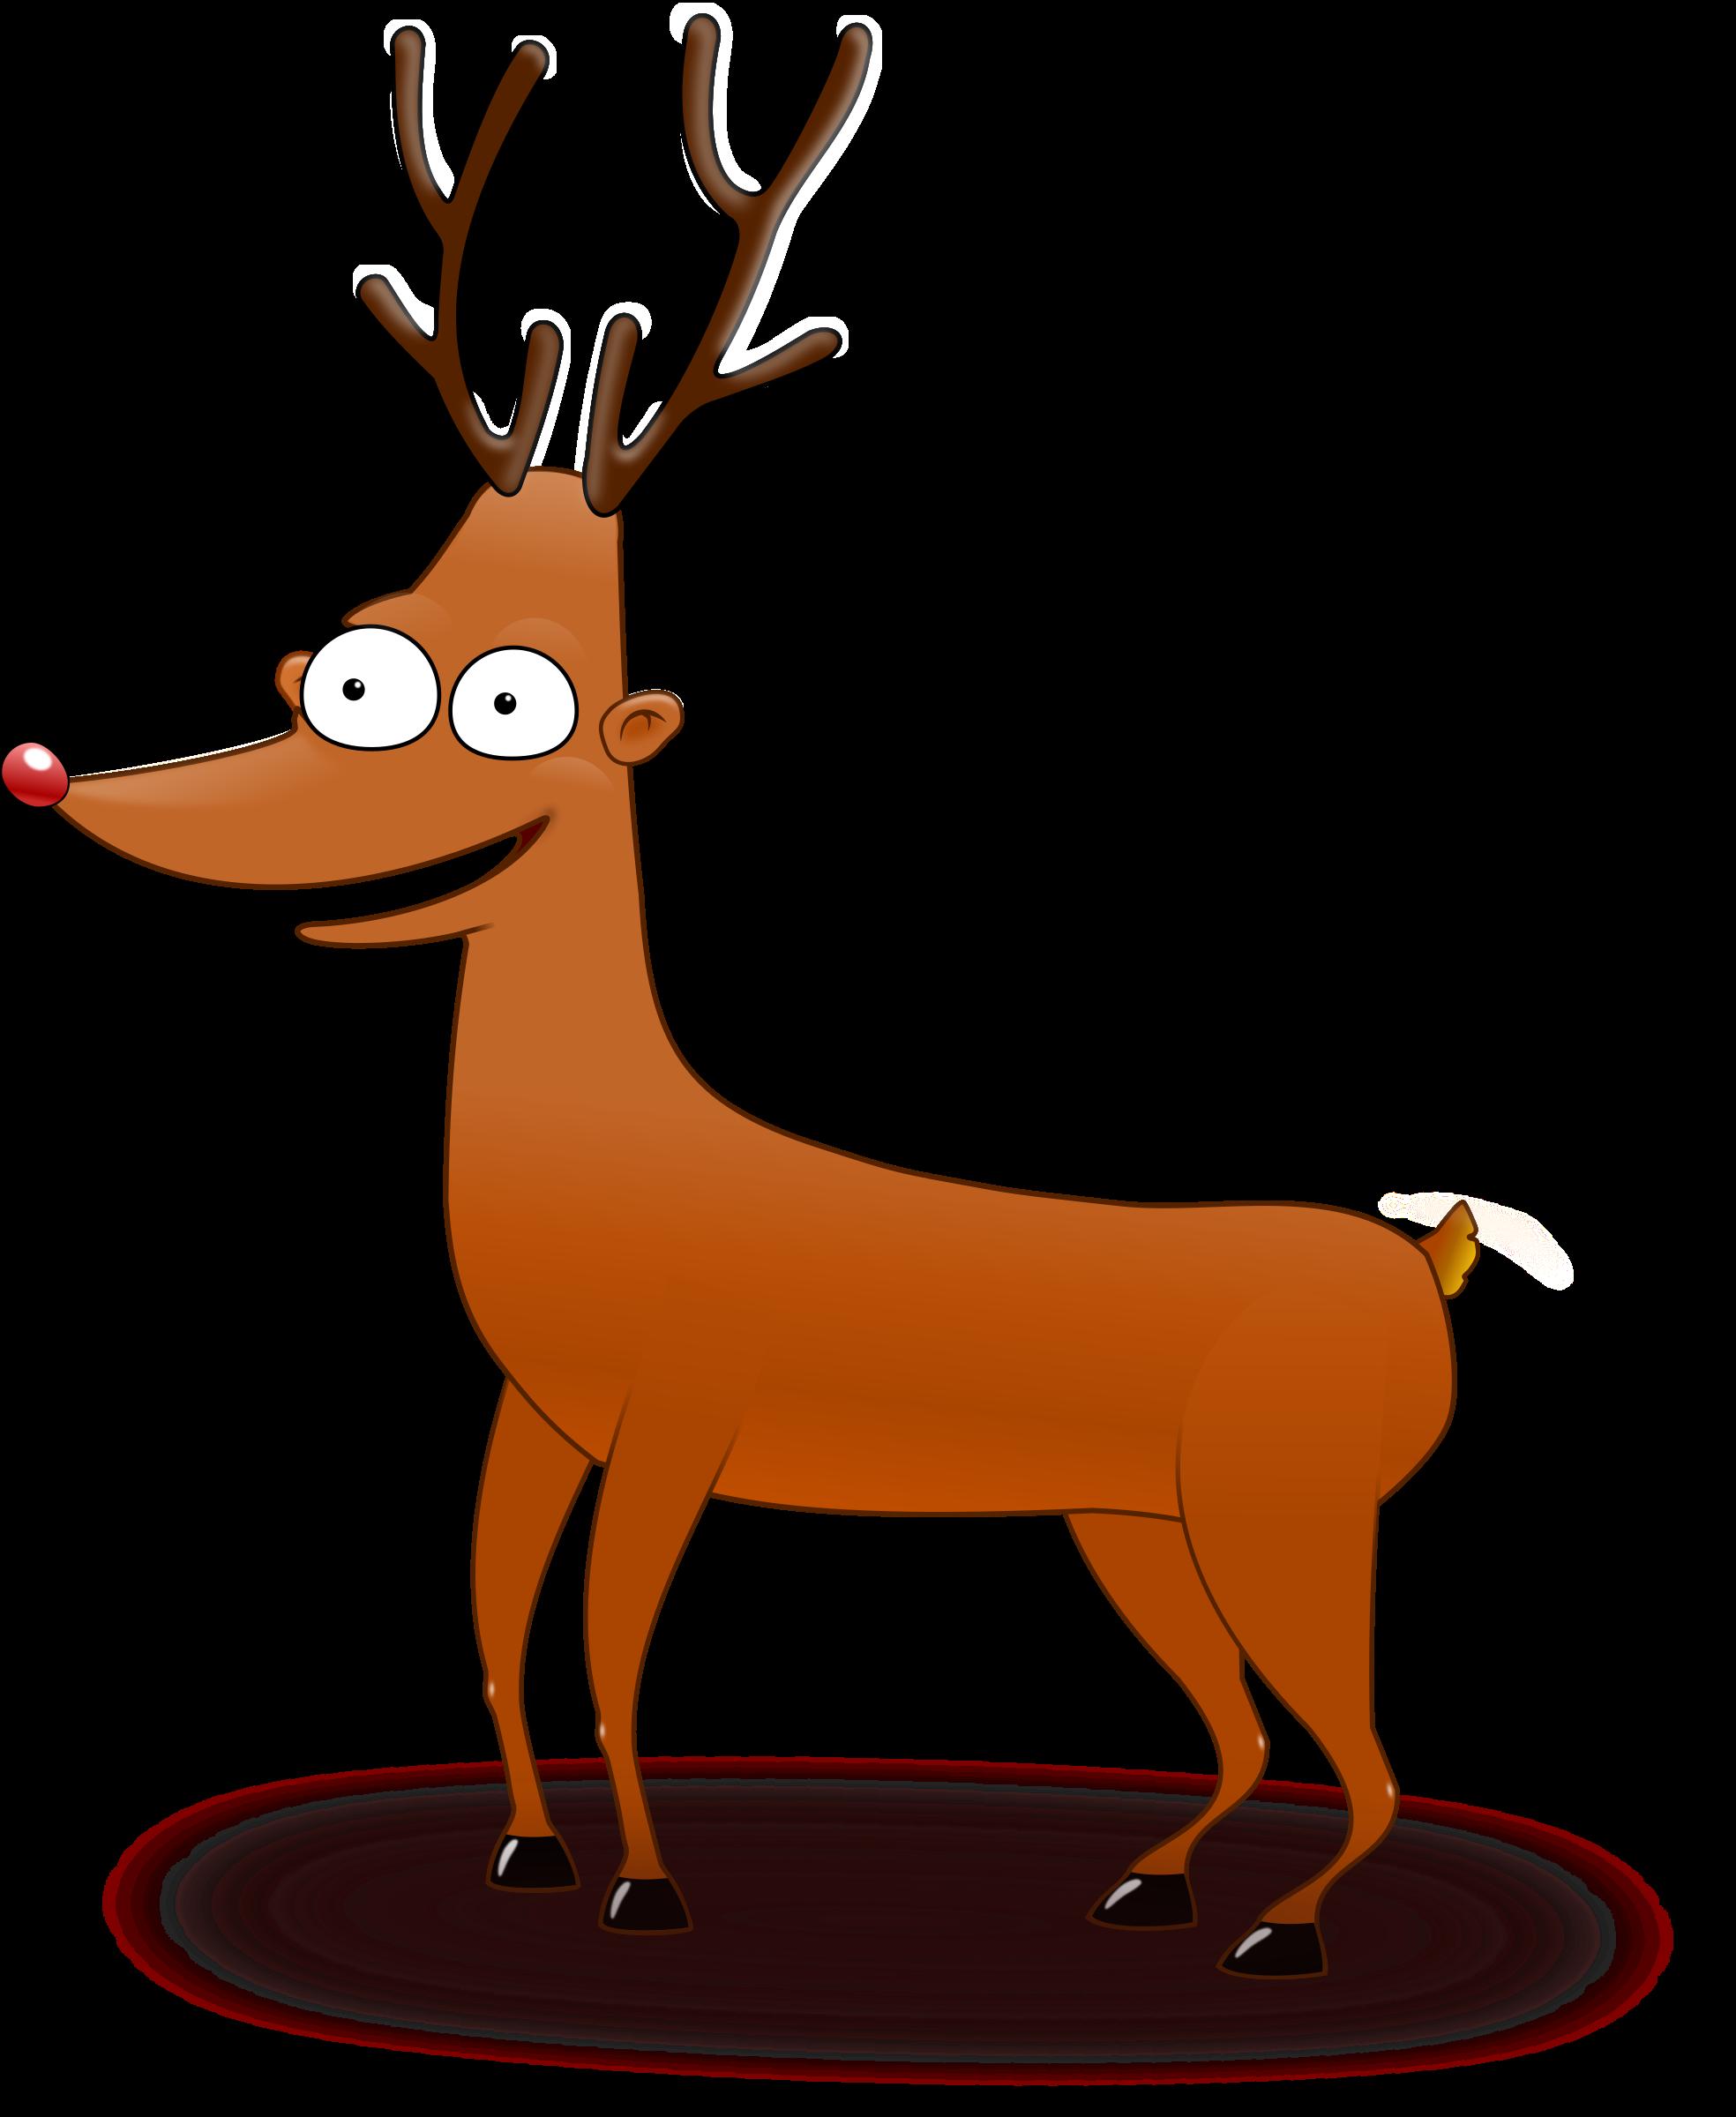 clipart reindeer reinder